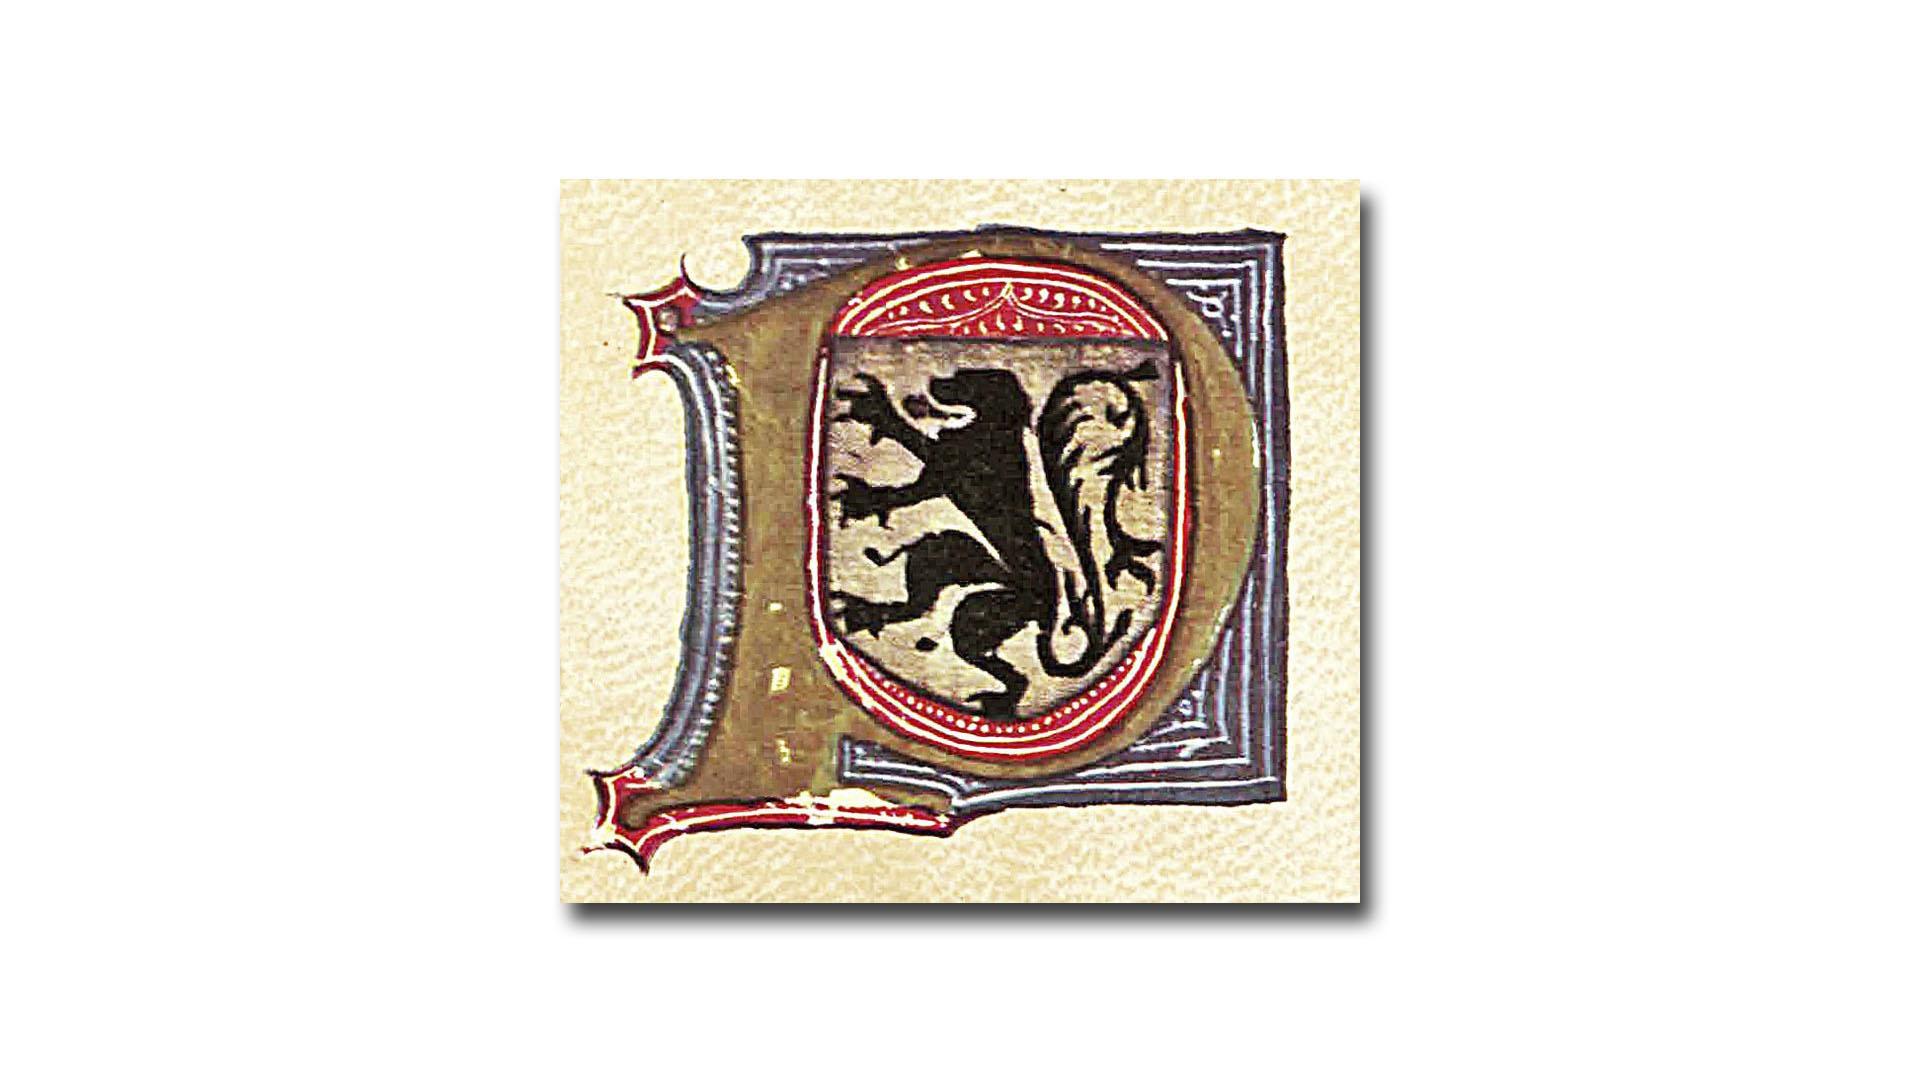 Das Wappen des Jean de Béthencourt.